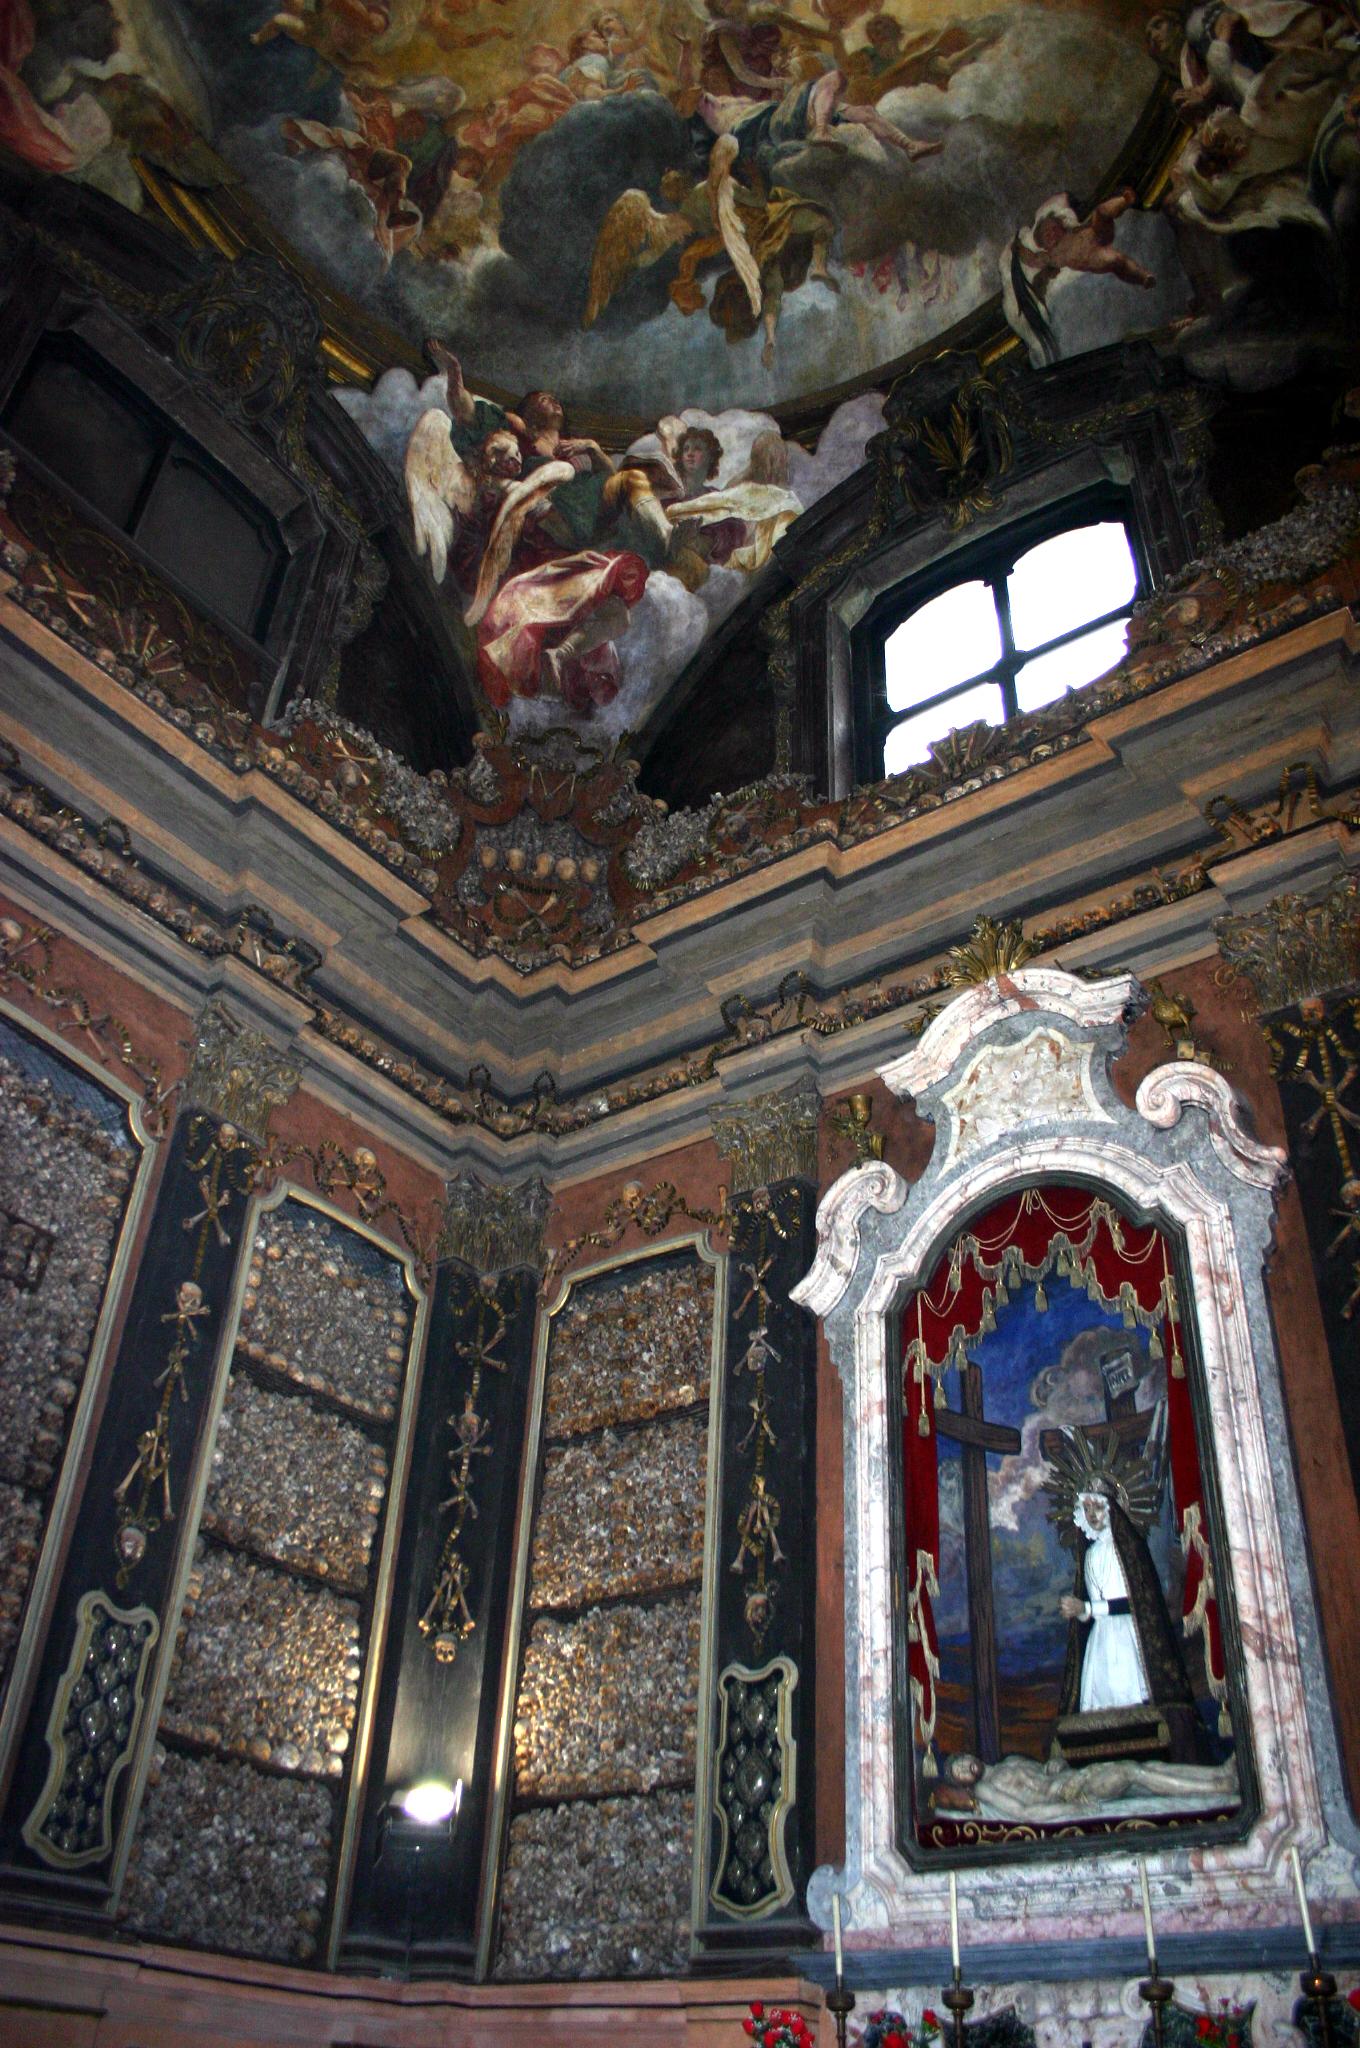 San Bernardino Alle Ossa (kép forrása: Wikipedia, a templom ezen részén kegyeleti okokból nem szabad fényképet készíteni)